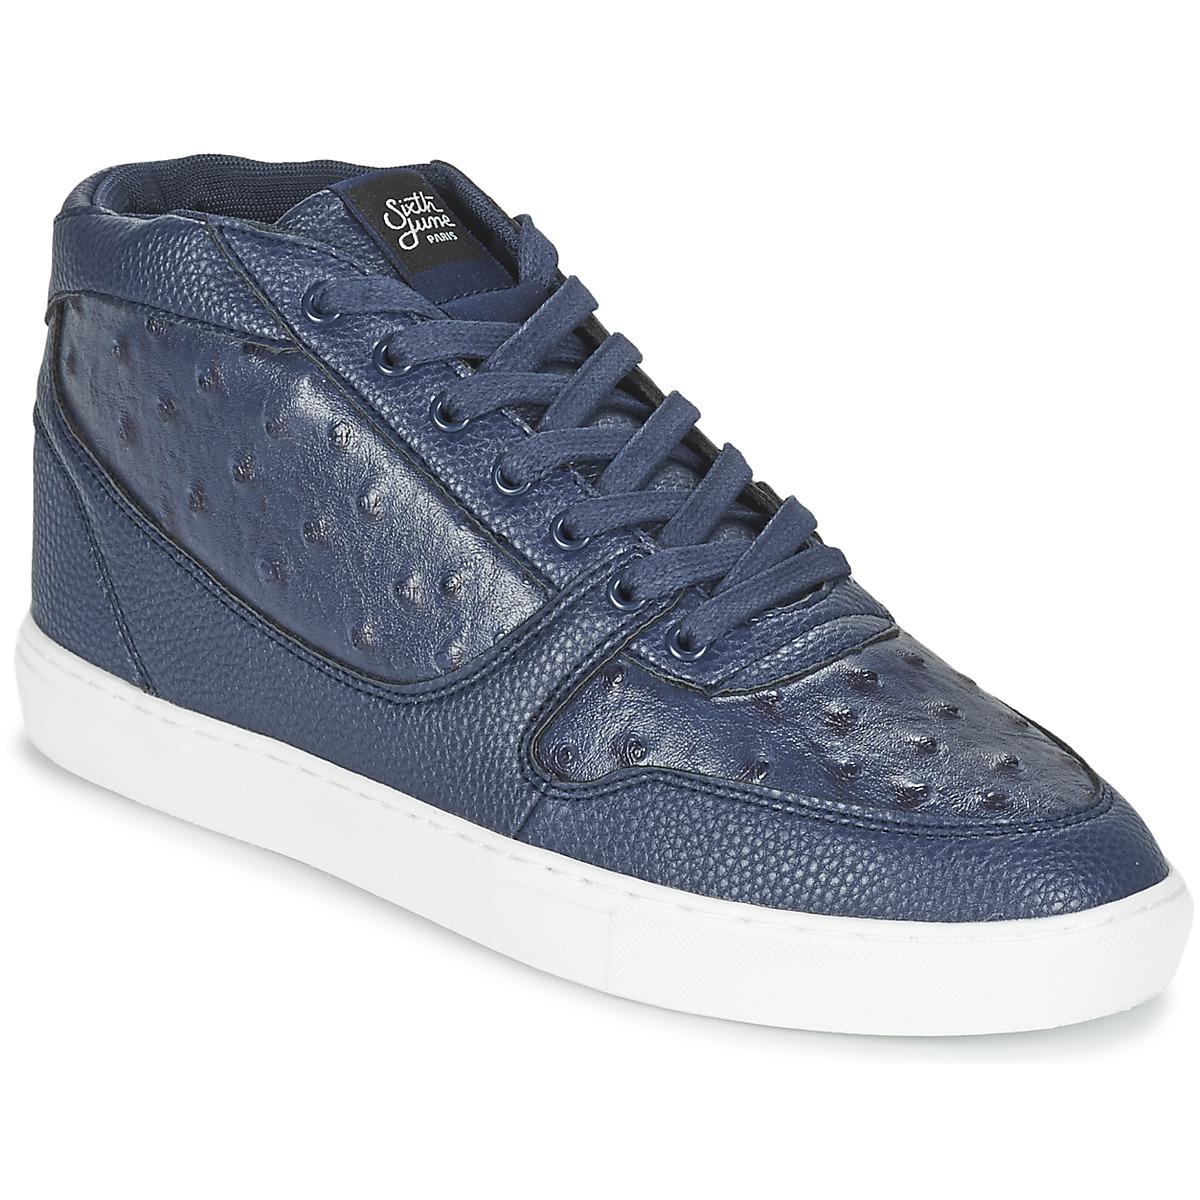 Sixth June NATION PEAK Marine - Kostenloser Versand bei Spartoode ! - Schuhe Sneaker High Herren 65,90 €